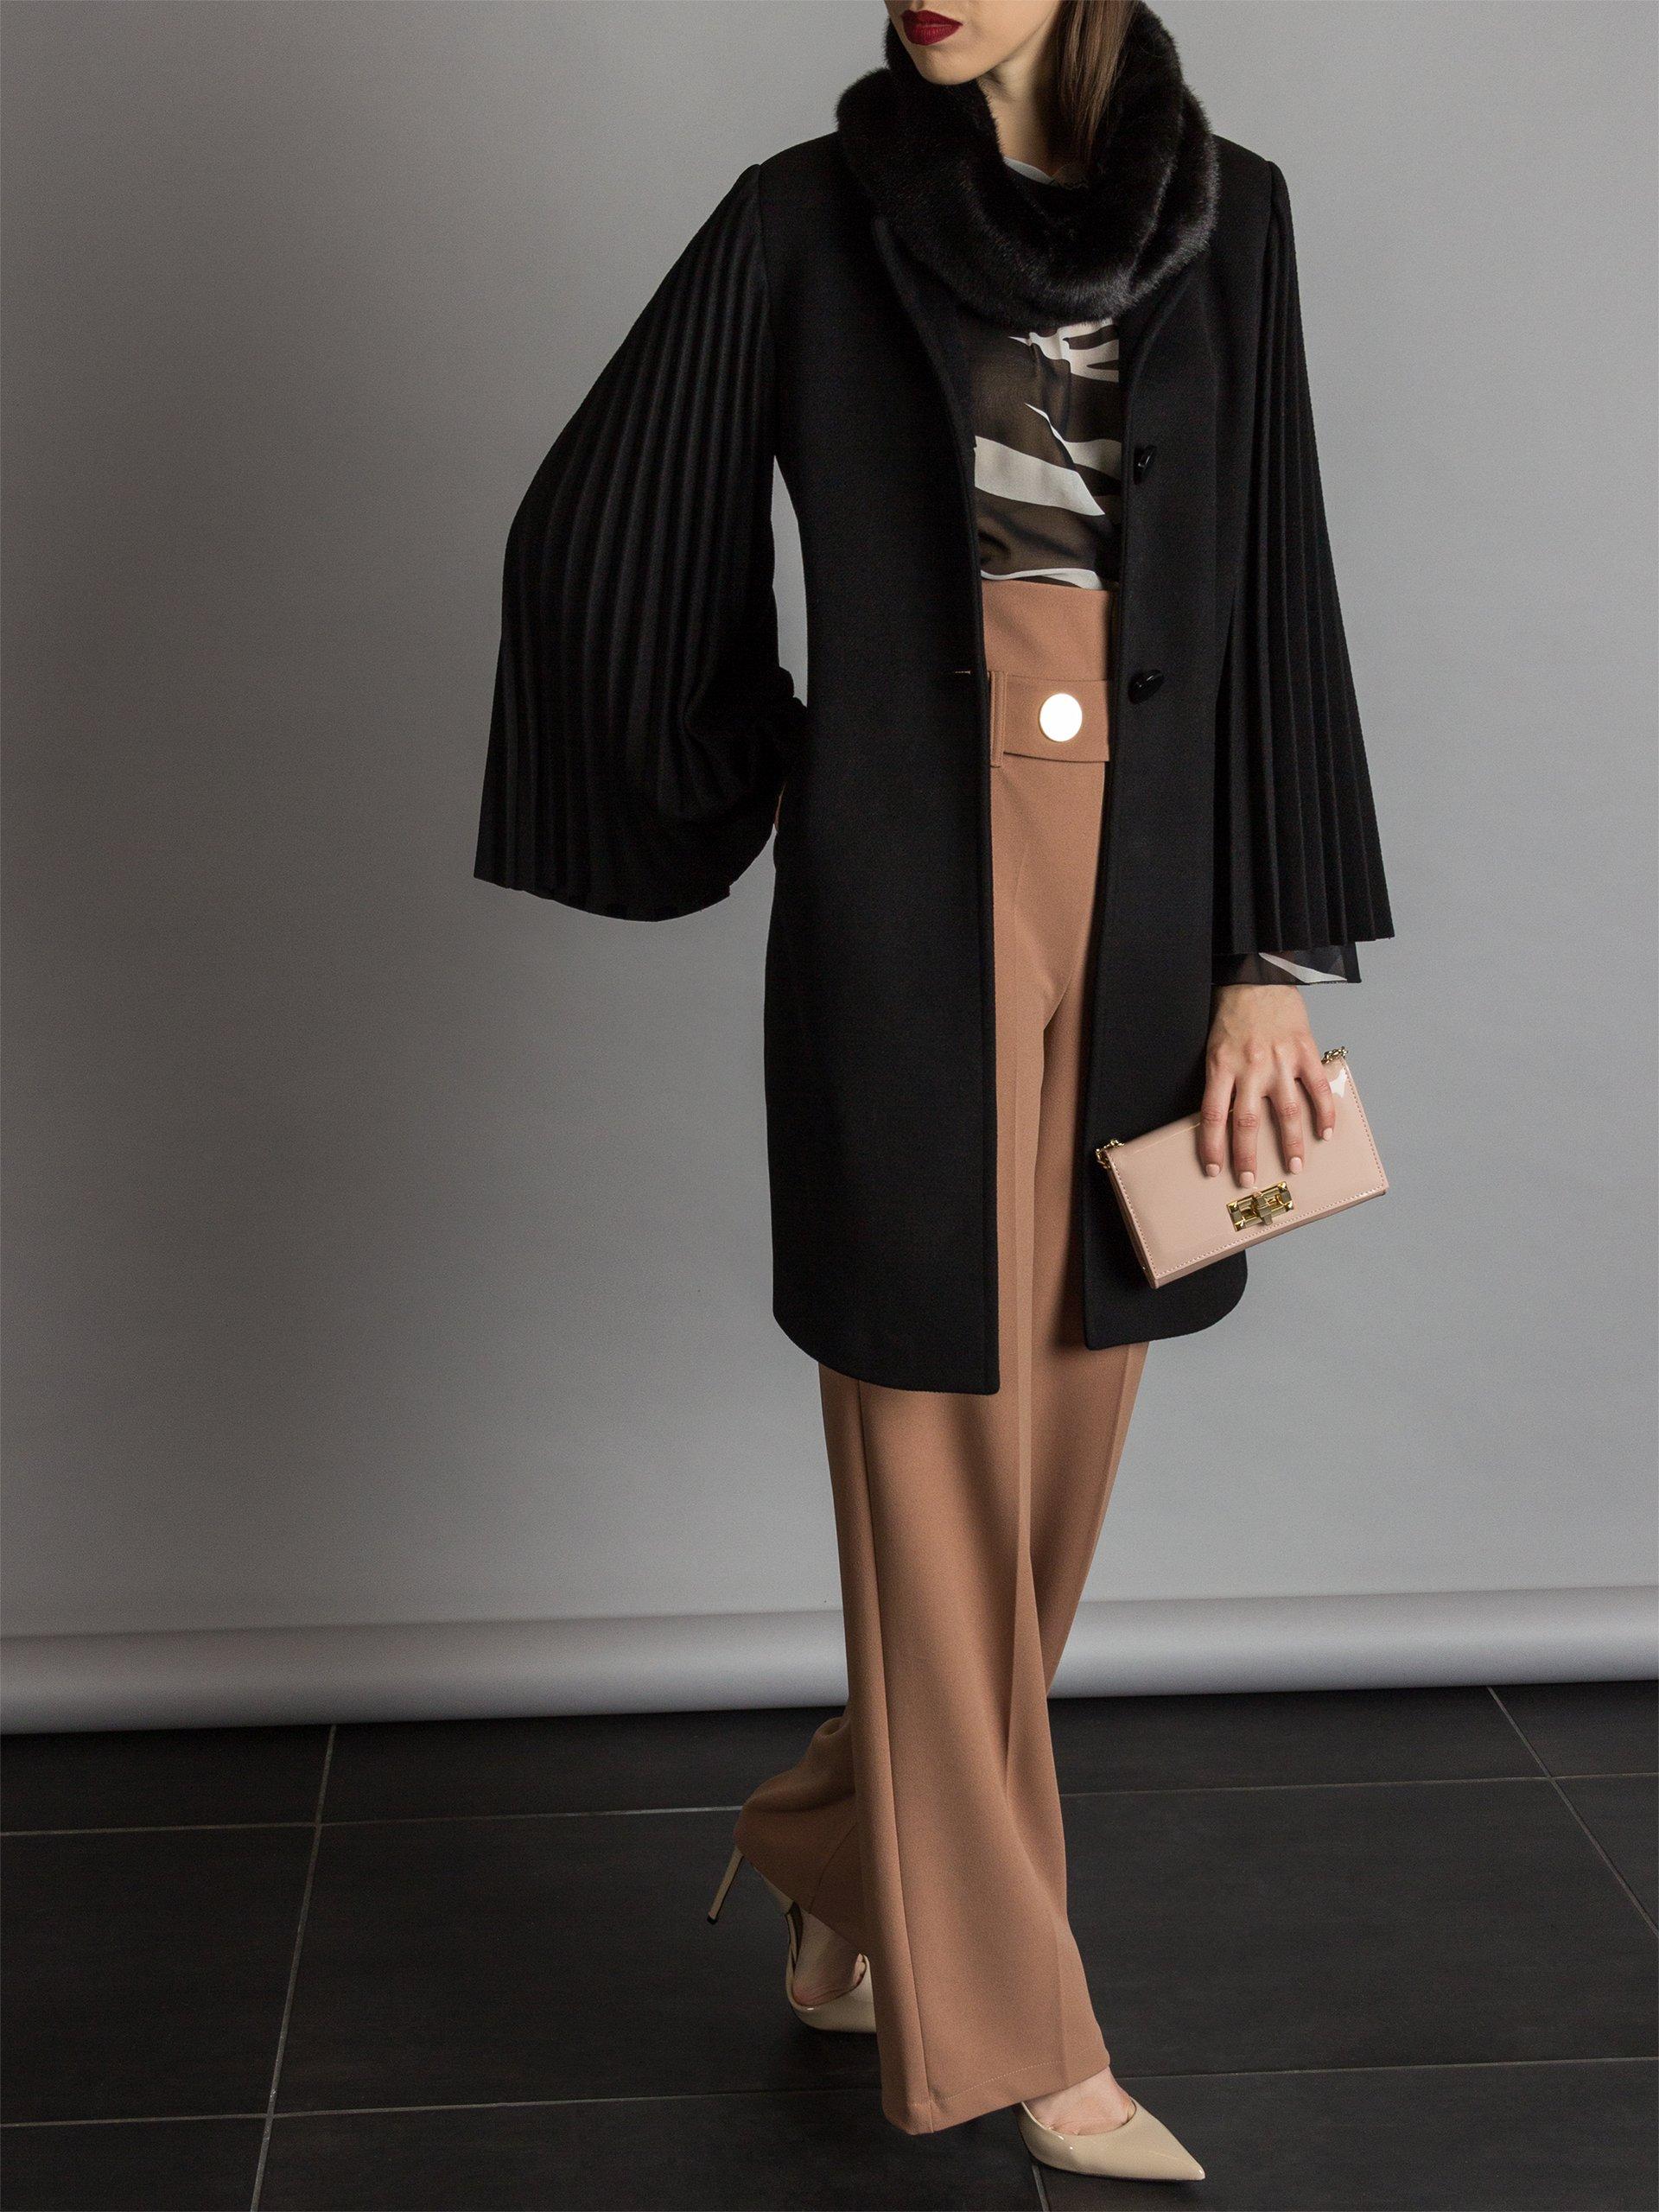 c81a48b955dcde Rinascimento, eleganza e glam per la collezione donna Autunno ...